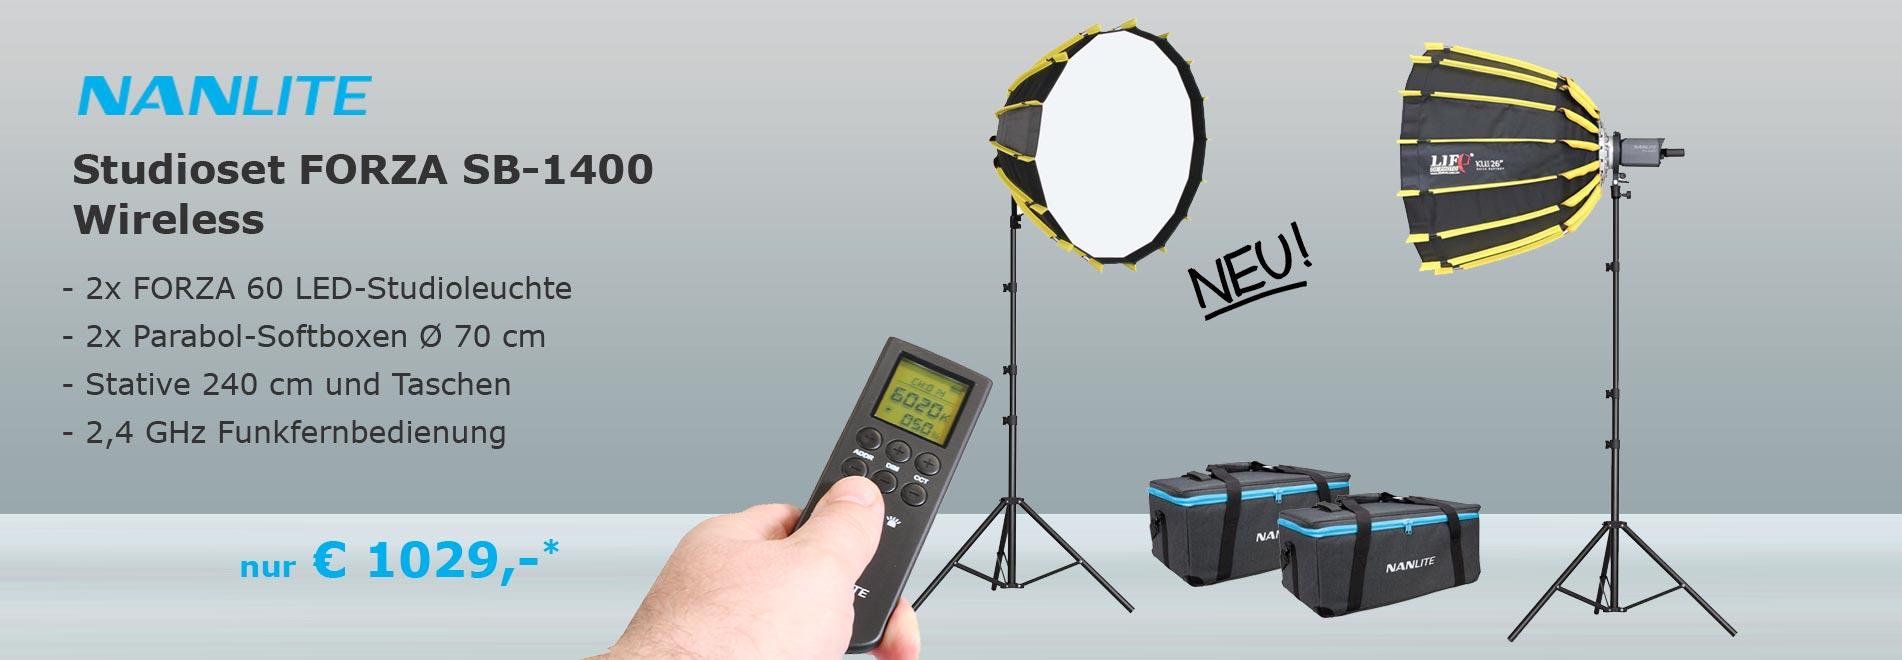 NANLITE Studioset SB 1400 LED Studioleuchte